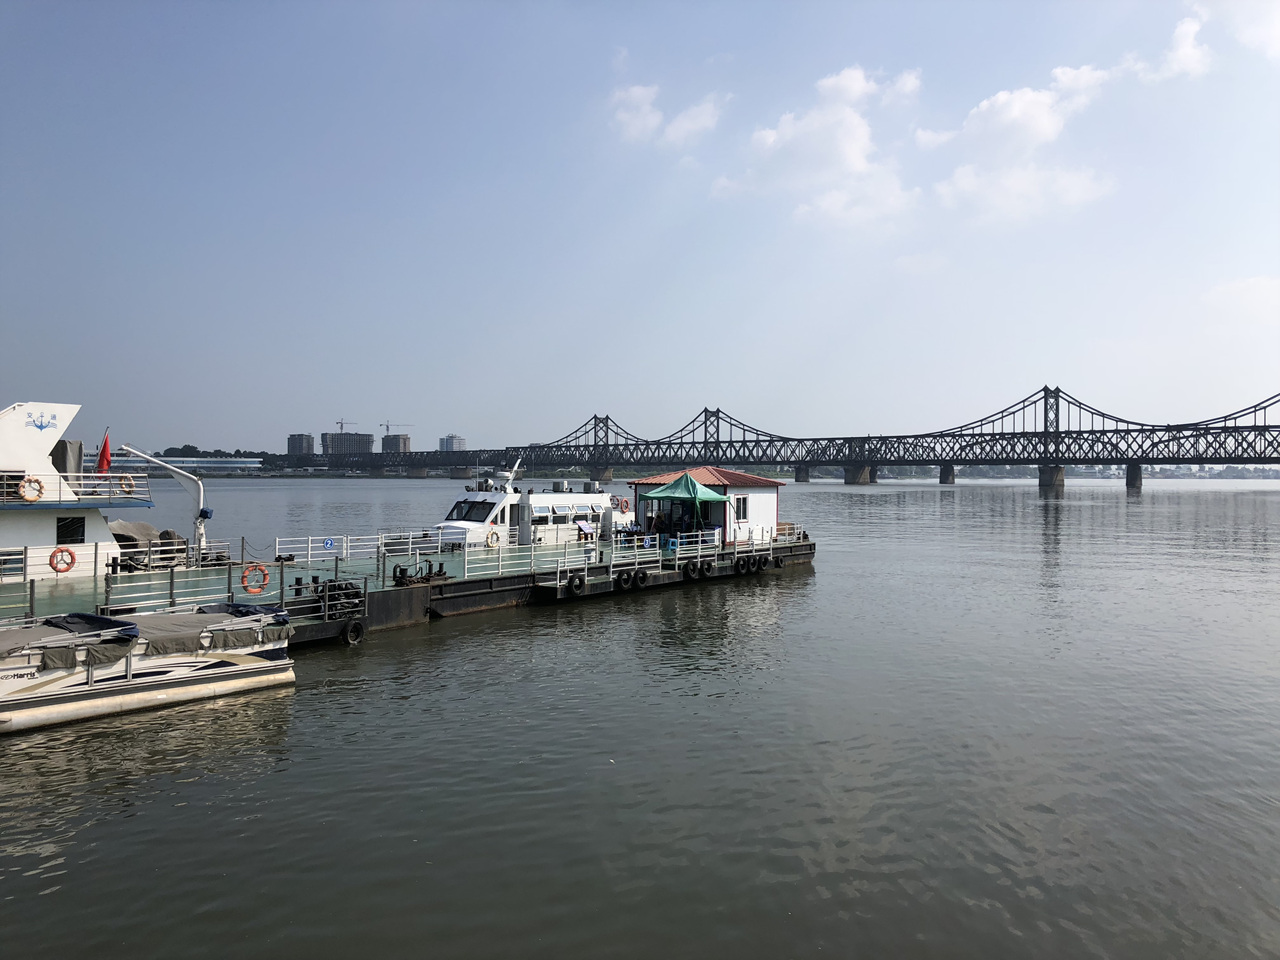 압록강 유람선 압록강 유람선을 타는 선착장